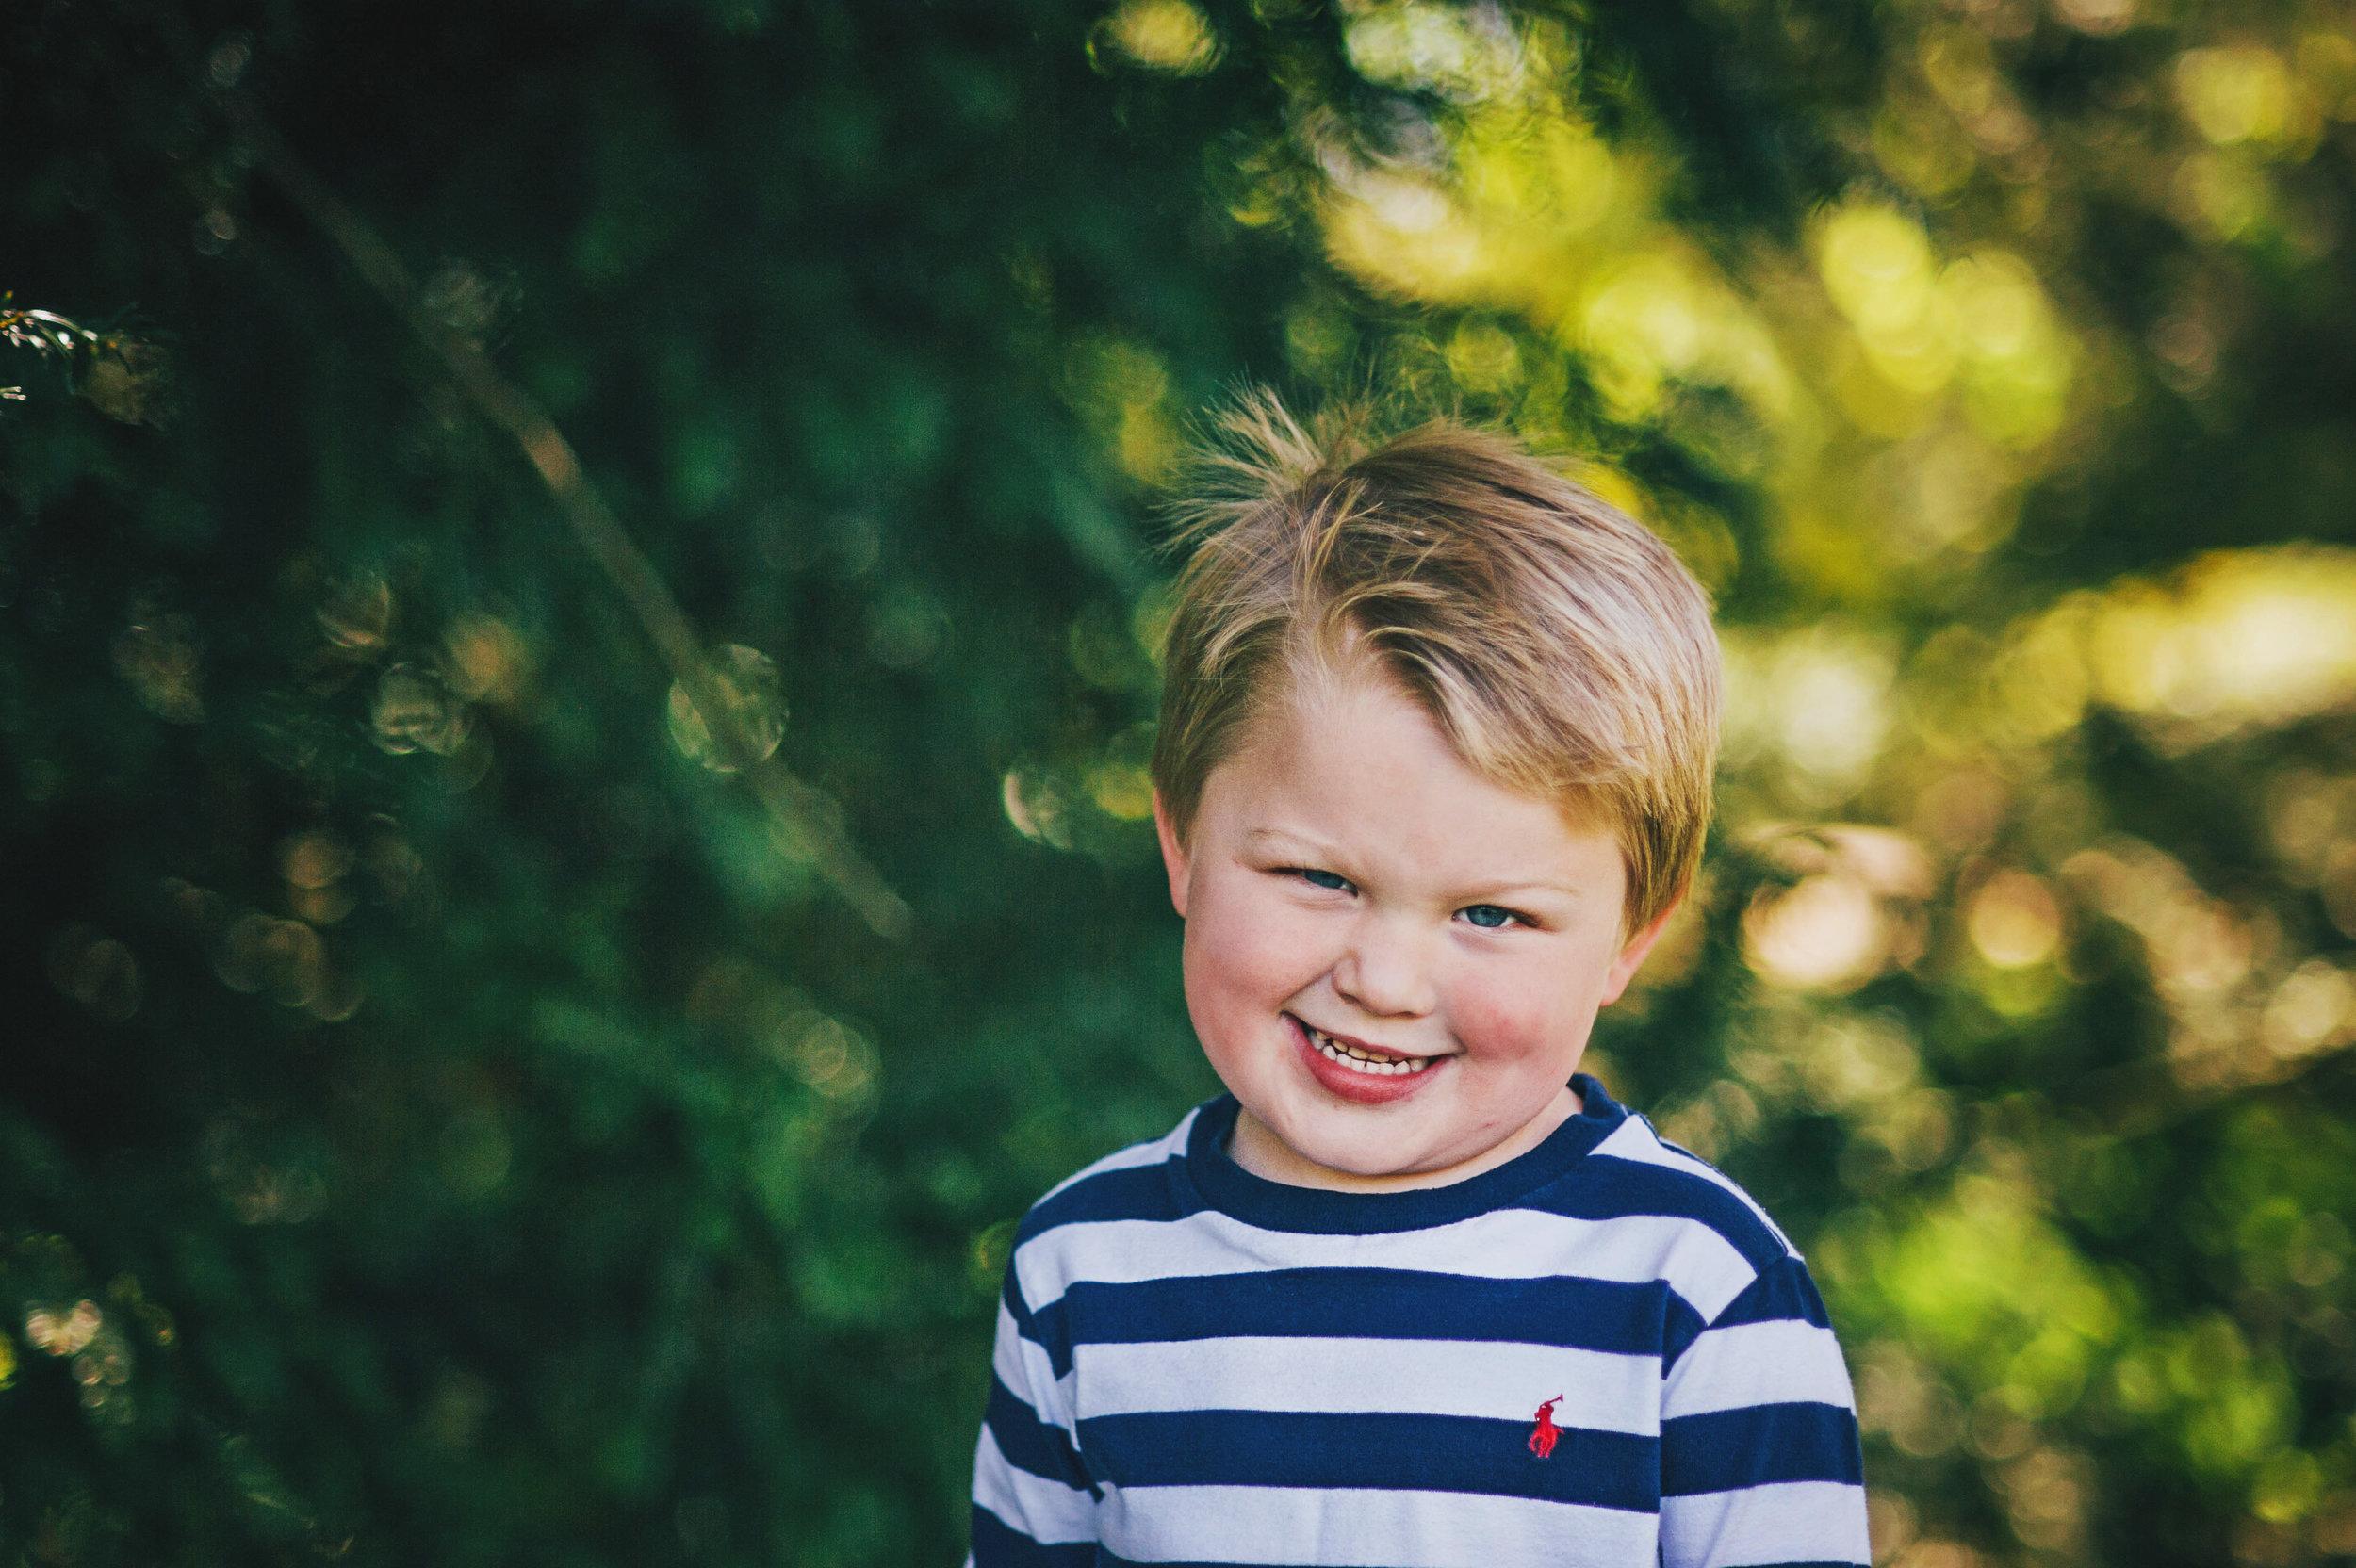 little boy in garden essex documentary portrait photographer